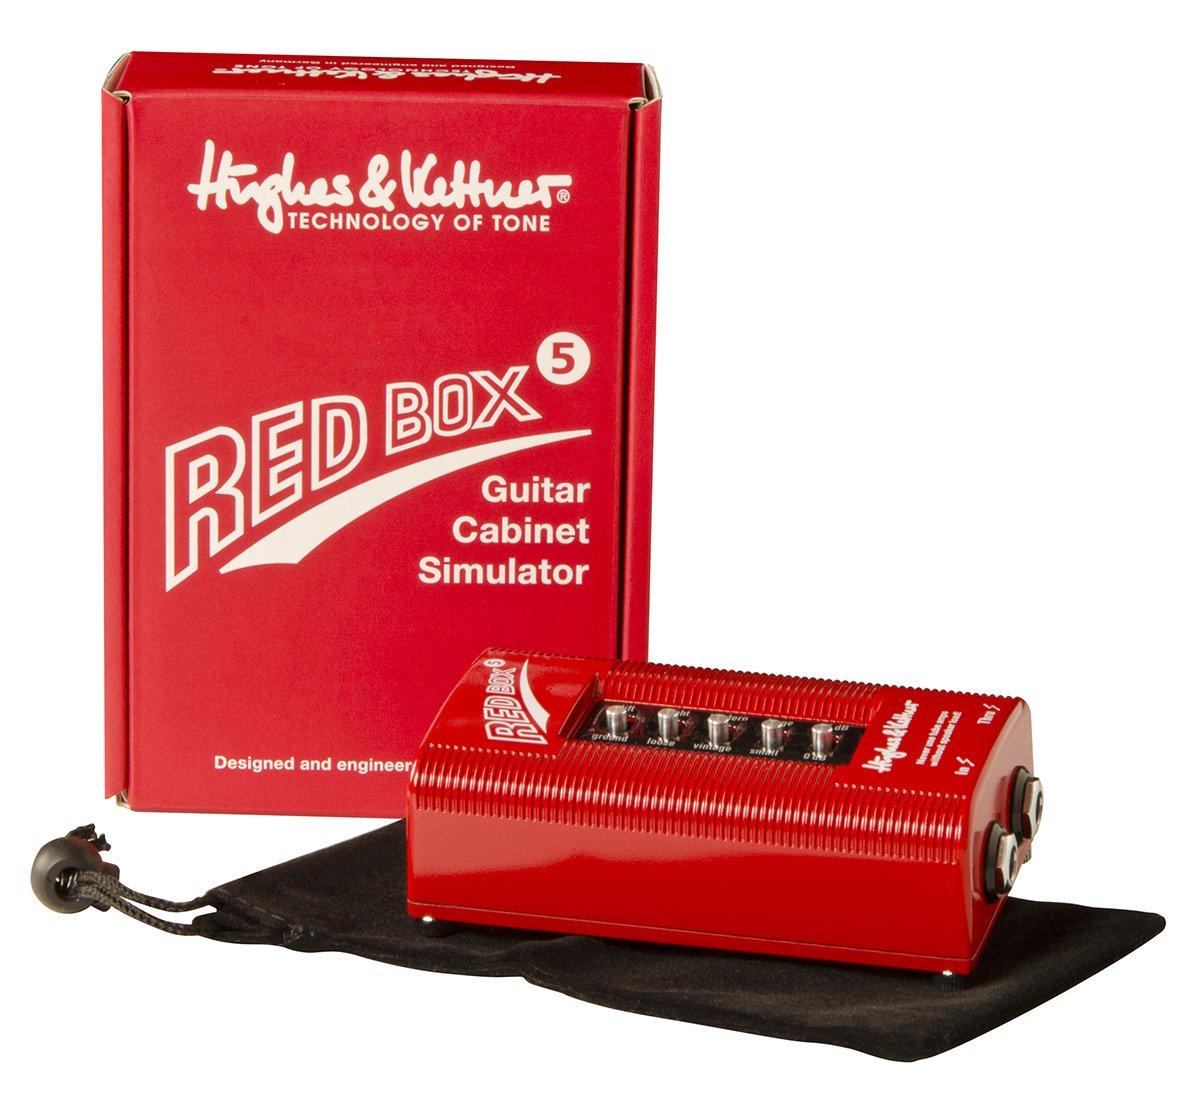 Hughes & Kettner REDBOX 5 Speaker Simulator